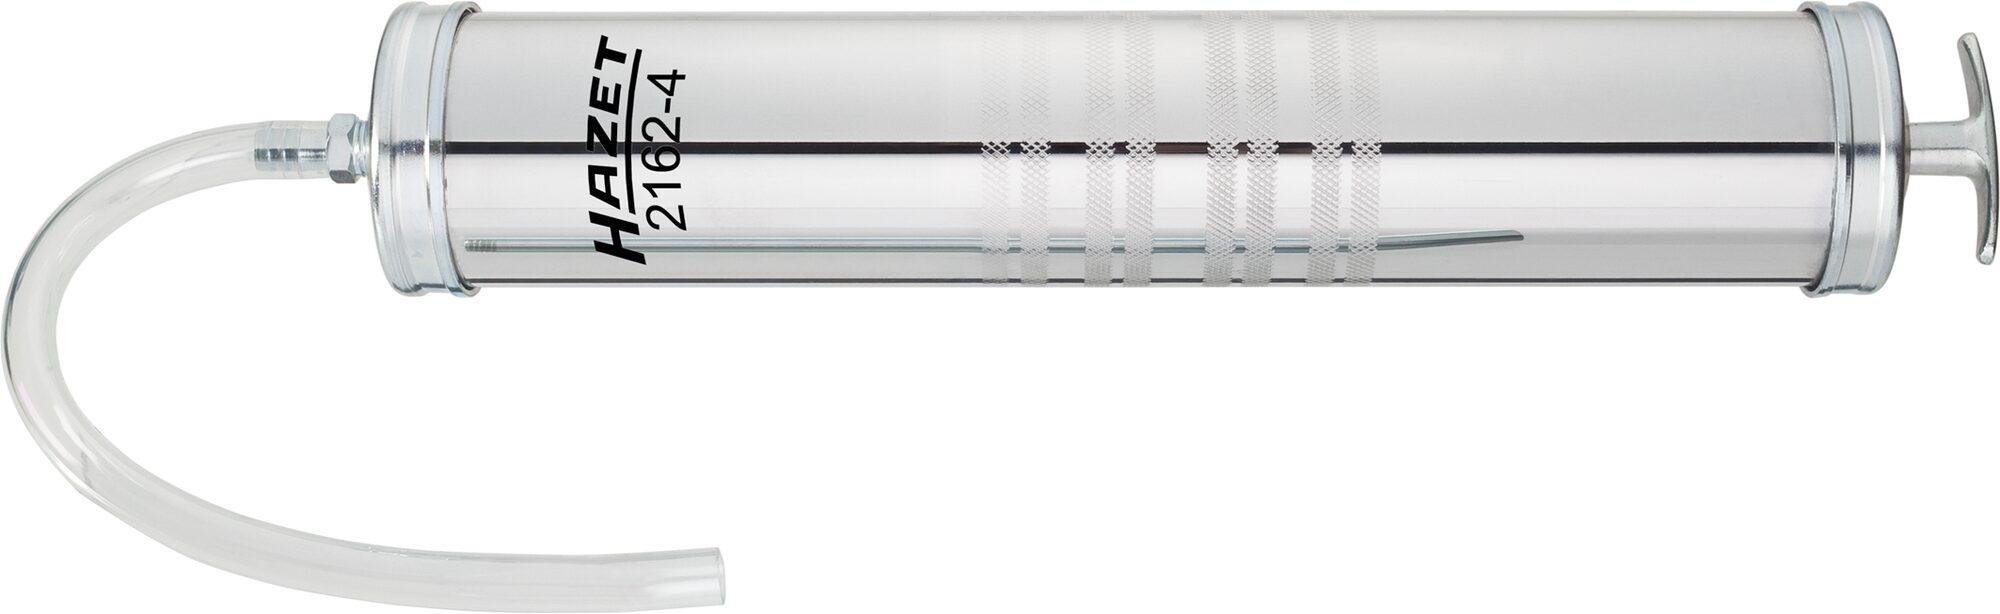 HAZET Hochleistungs Saug- und Druckspritze 2162-4